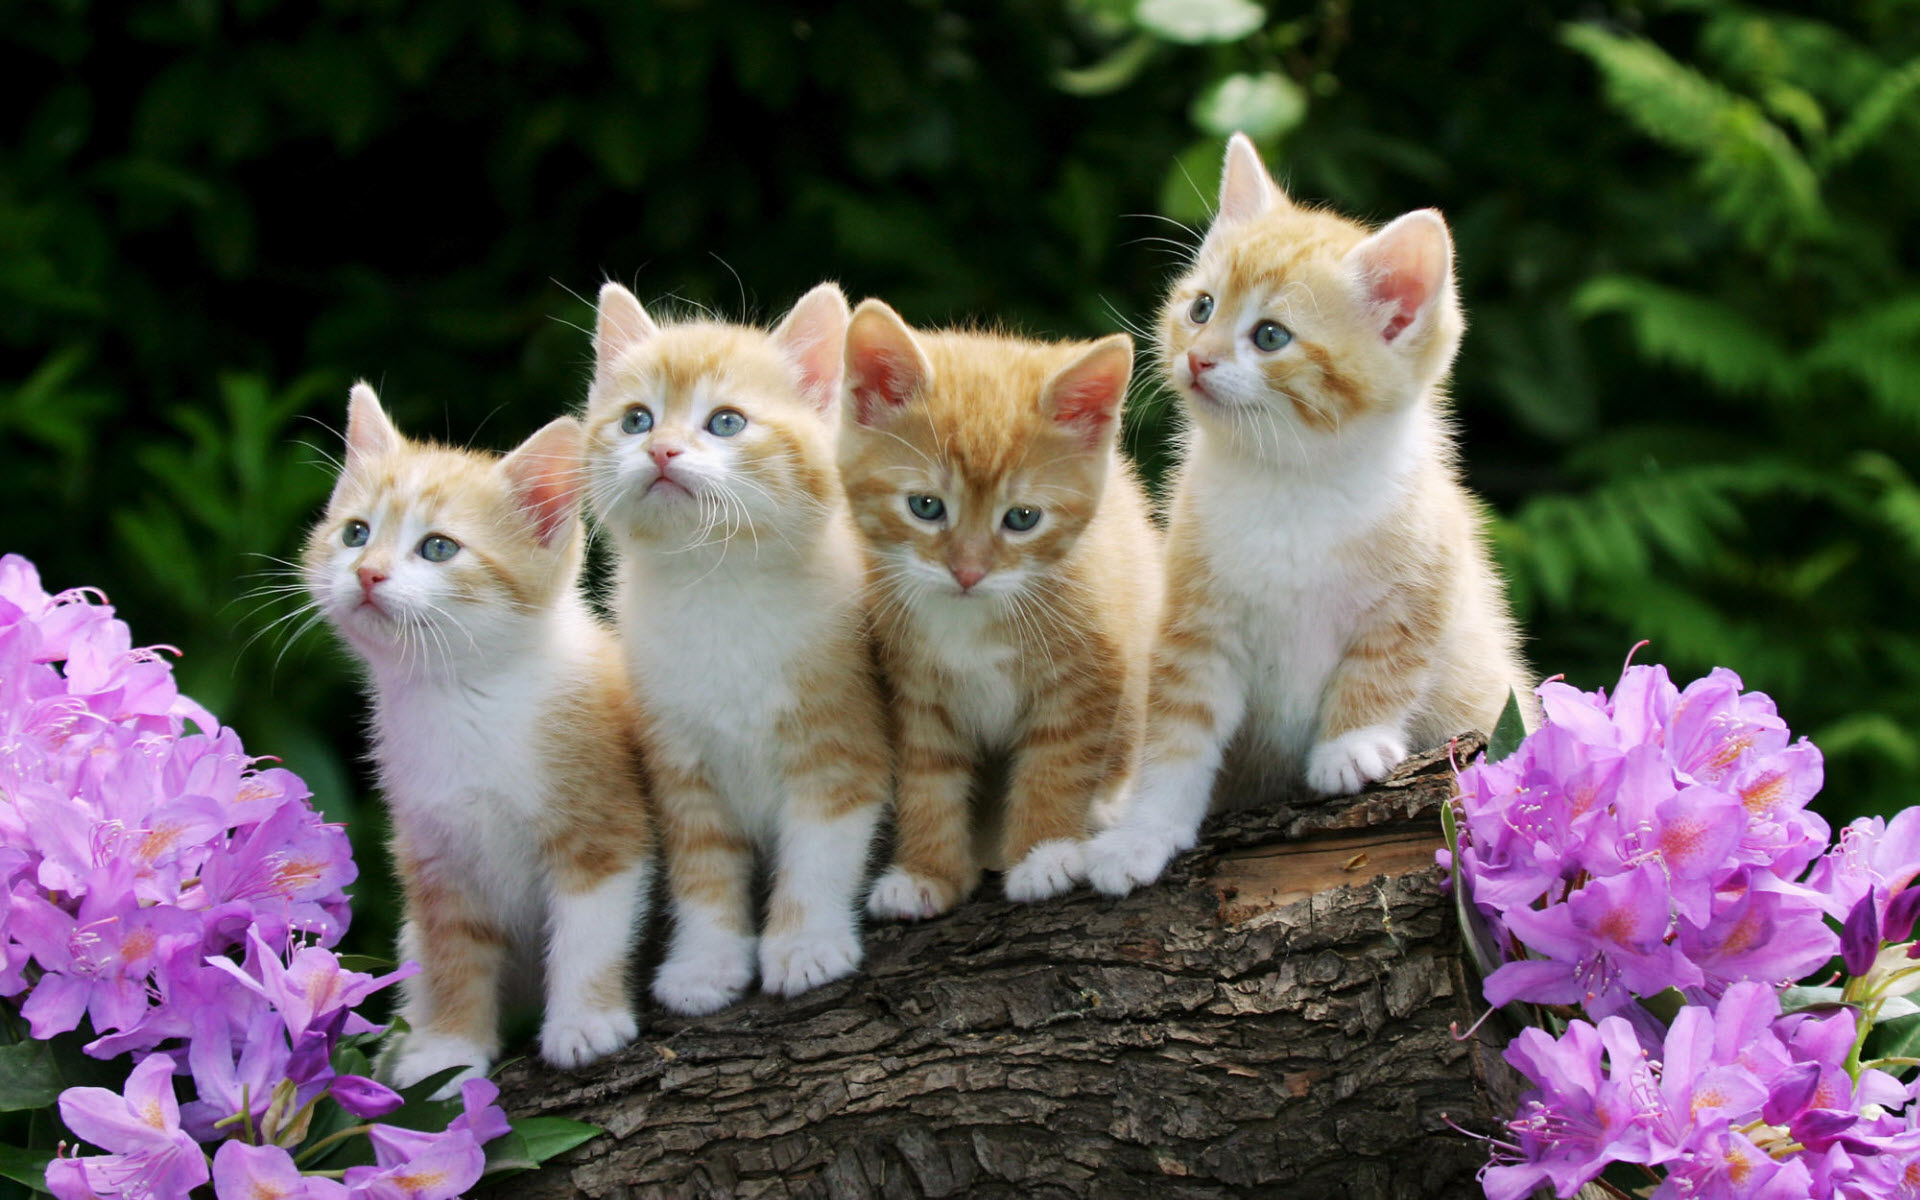 والپیپر گربه های ناز و ملوس